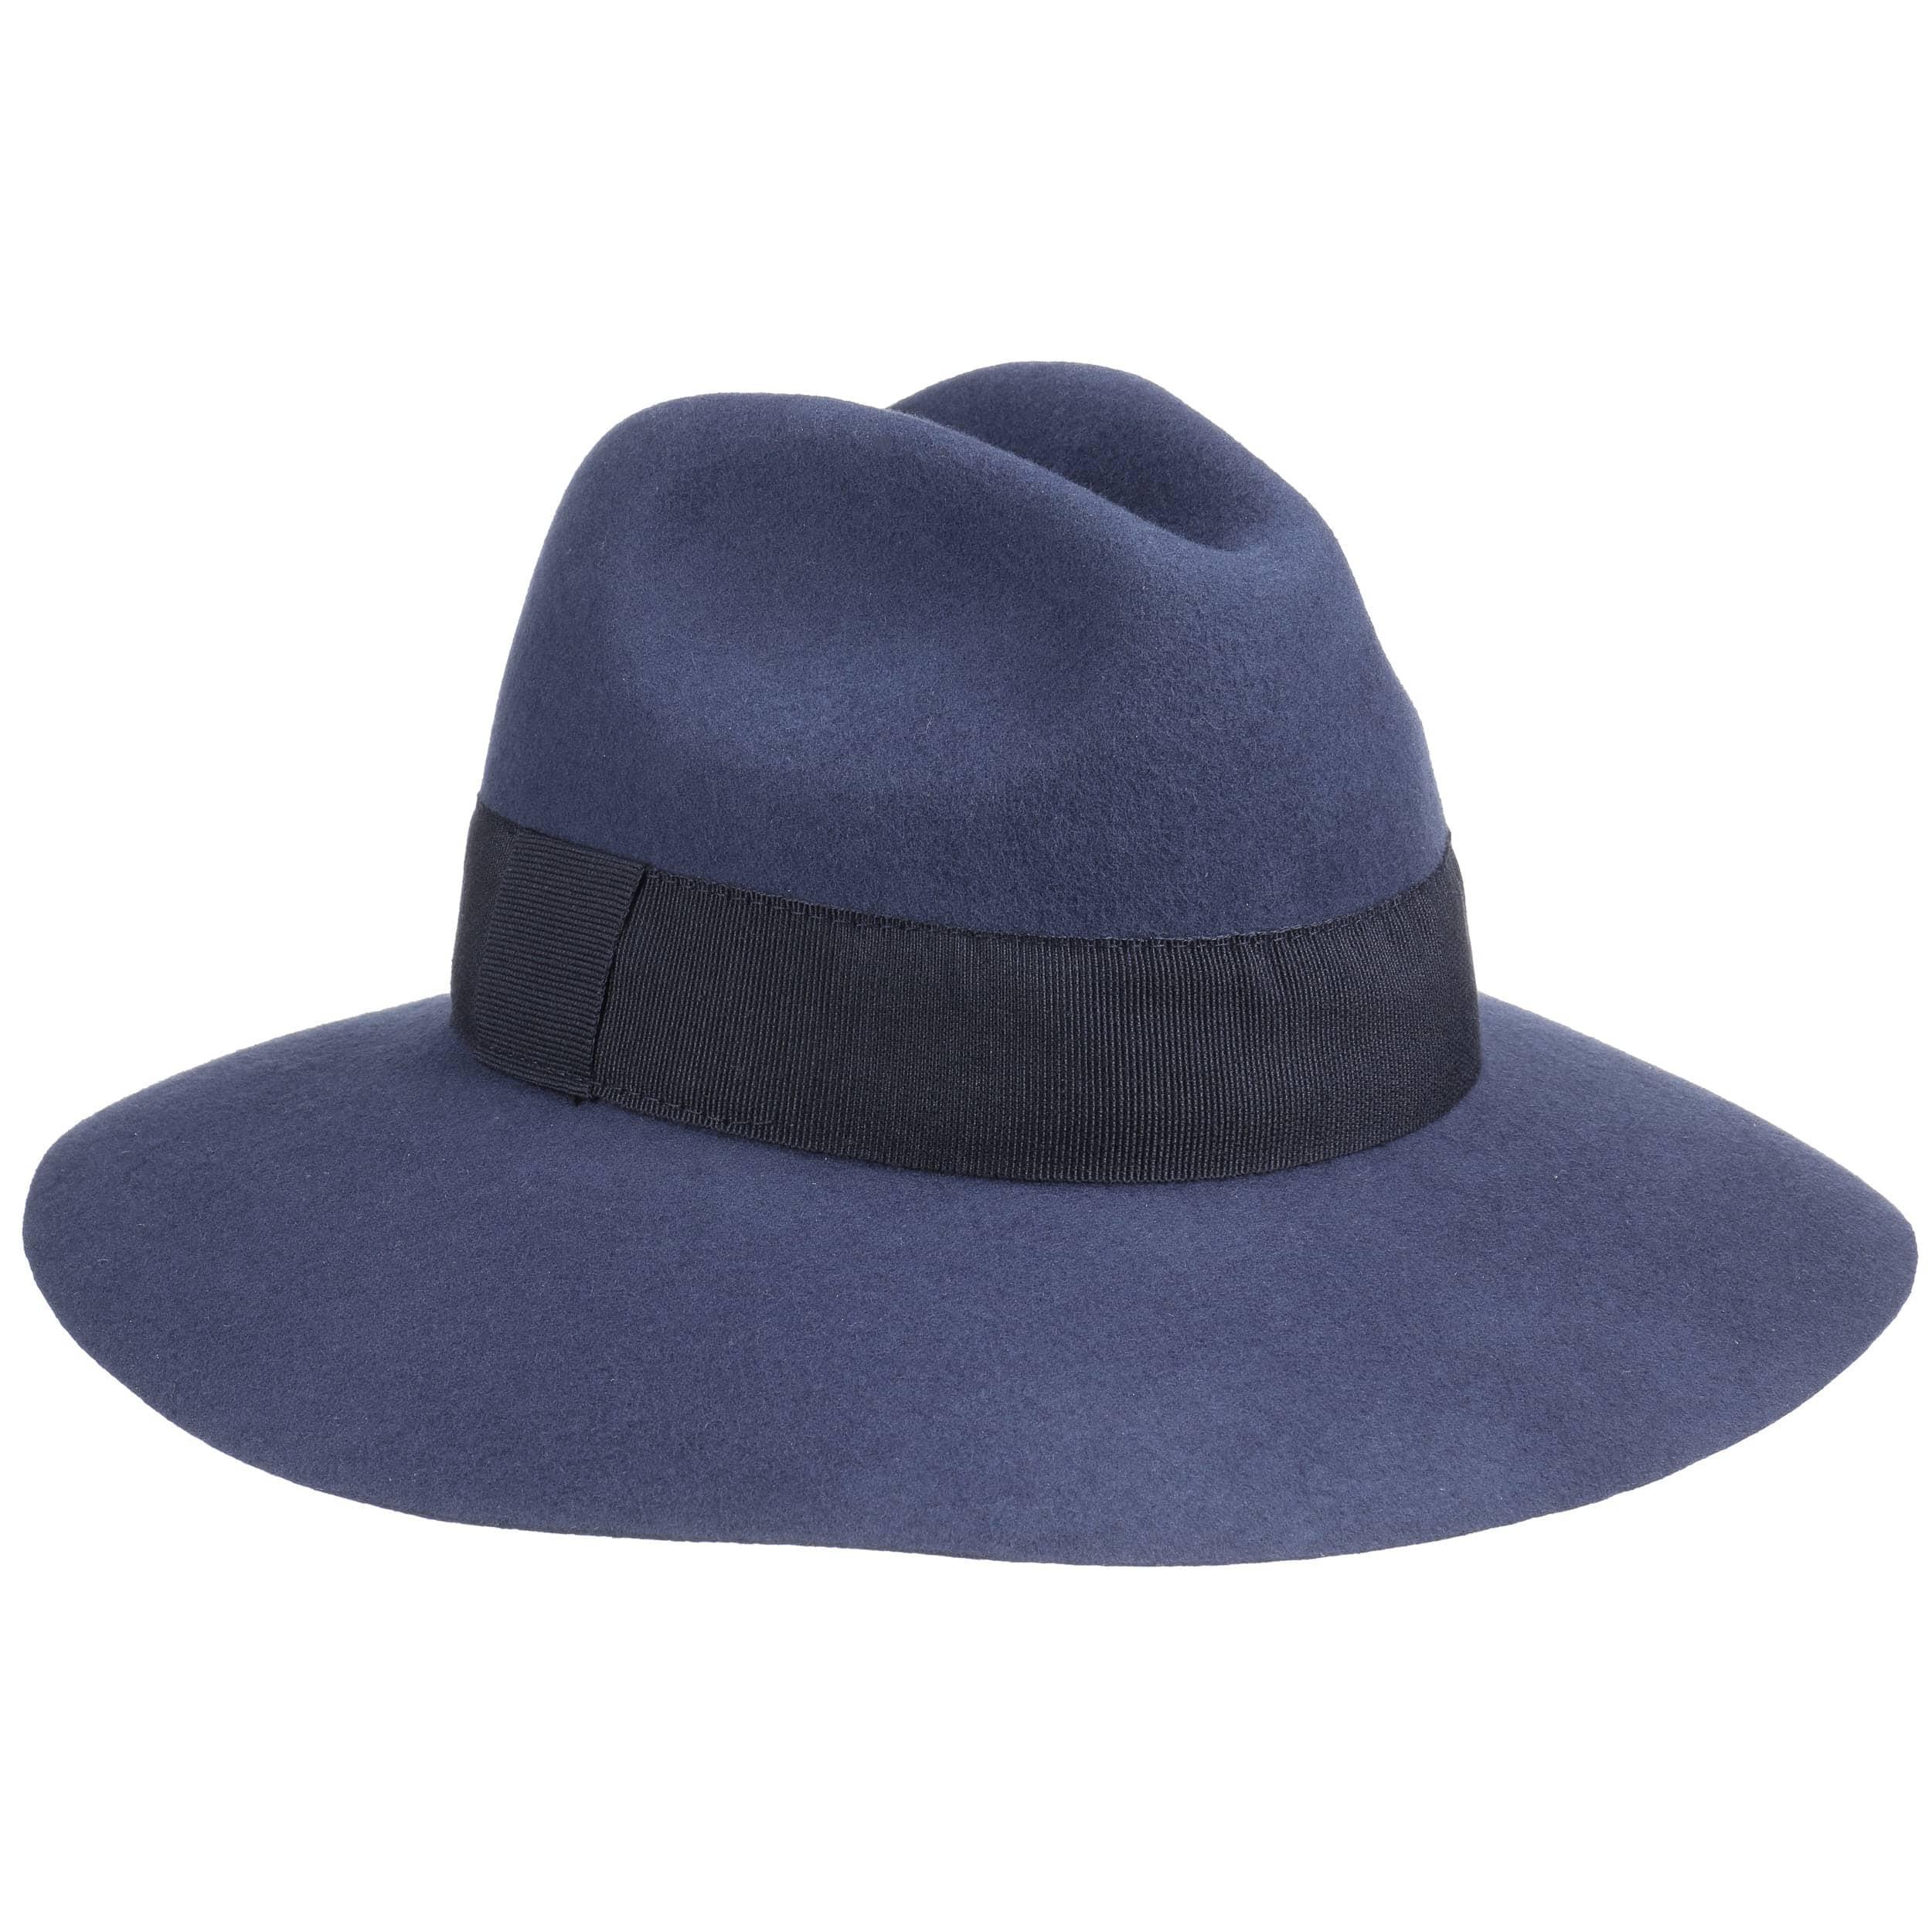 vendita online Super sconto 2019 originale Cappello a Tesa Larga Lilja by Lipodo